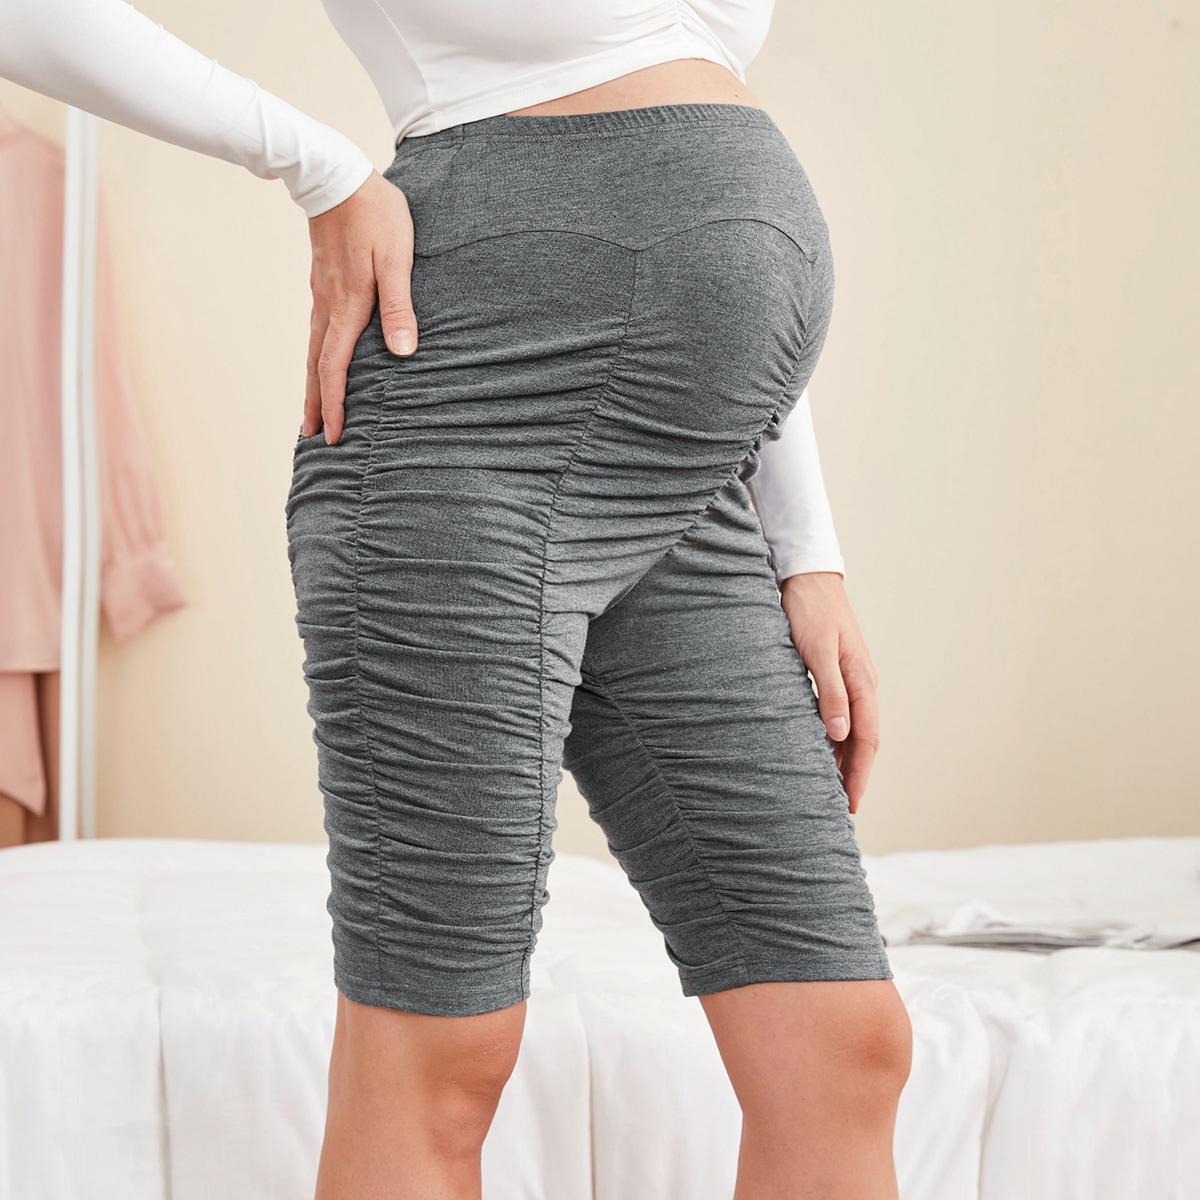 Байкерские шорты для беременных с эластичной талией от SHEIN